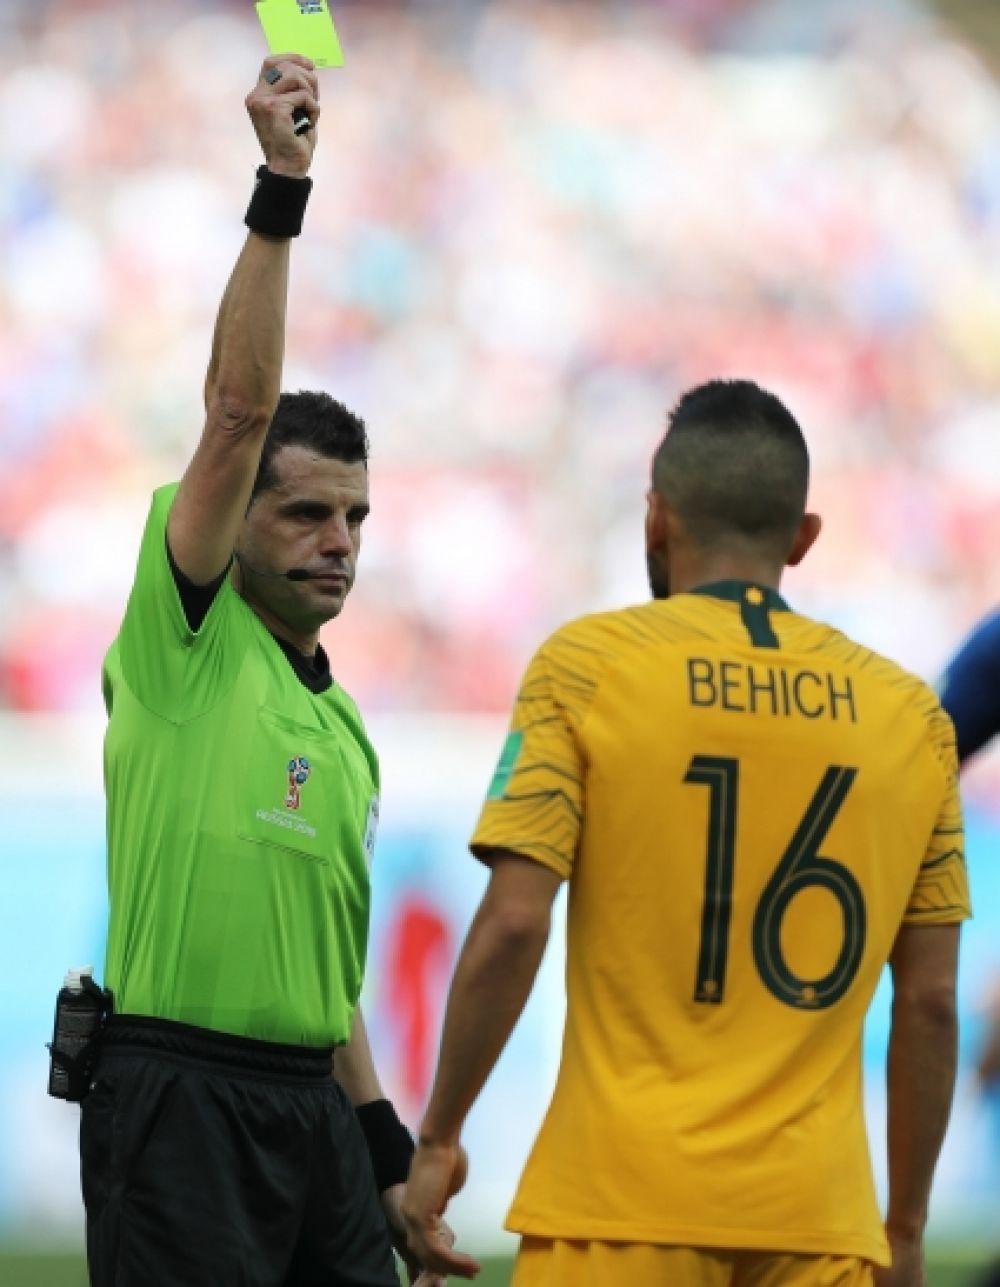 «Горчичник» Бехича (на 87-1 минуте) стал последним в матче. Всего сборная Австралия получила за игру три жёлтых карточки, французы - одну.